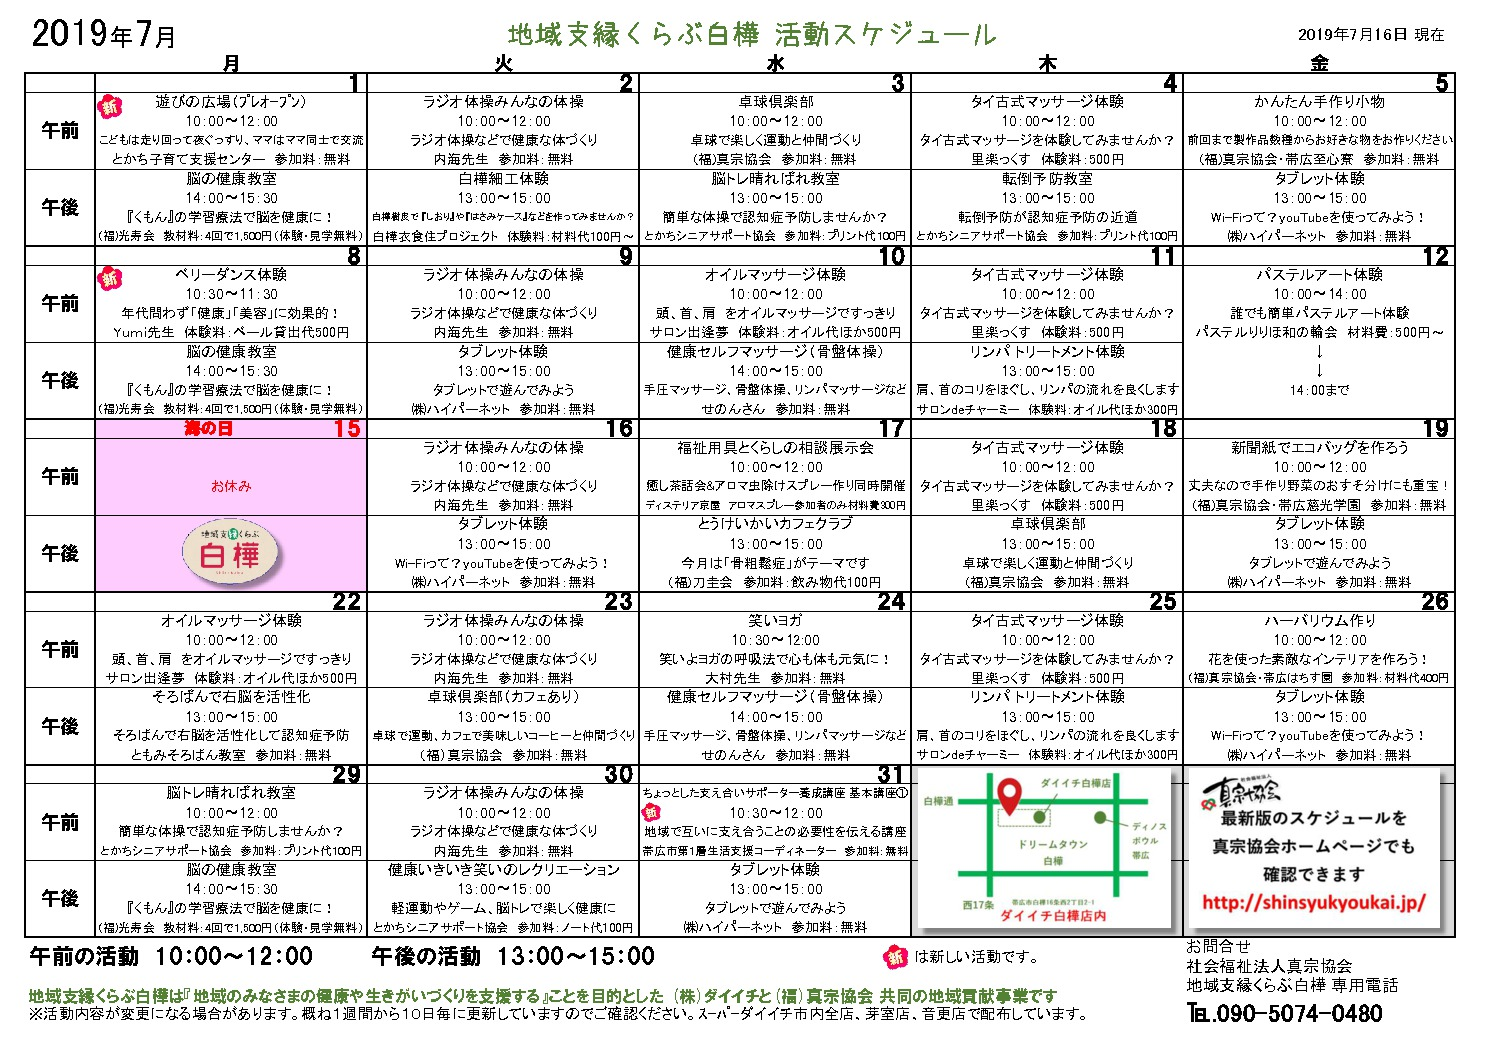 2019活動スケジュール7(2019.7.16付)のサムネイル